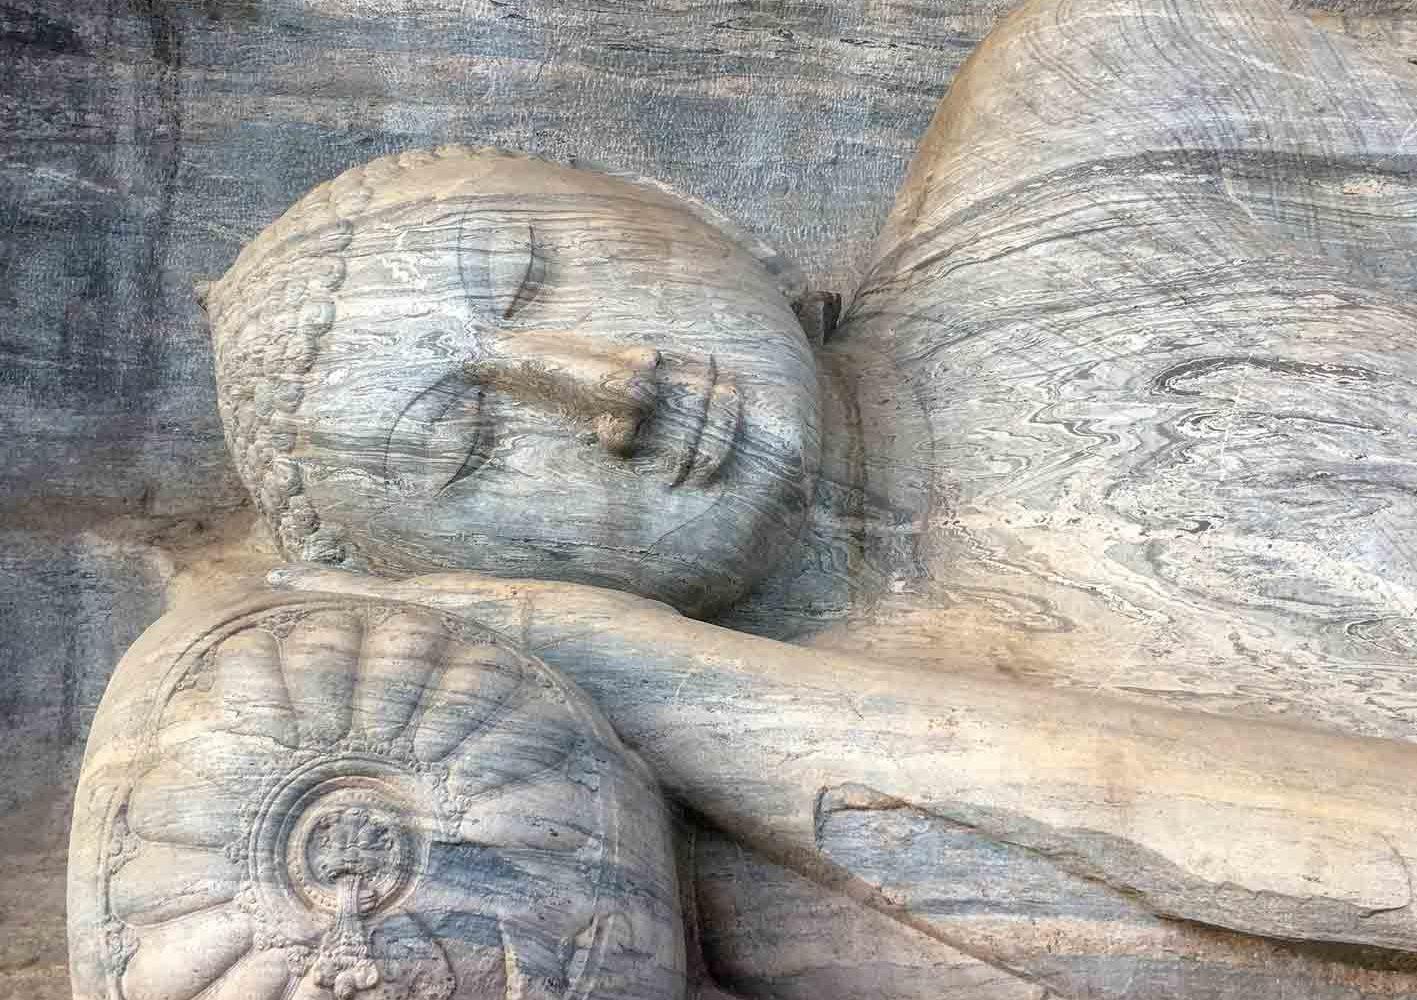 Liegender Buddha, Polonnaruwa, Sri Lanka